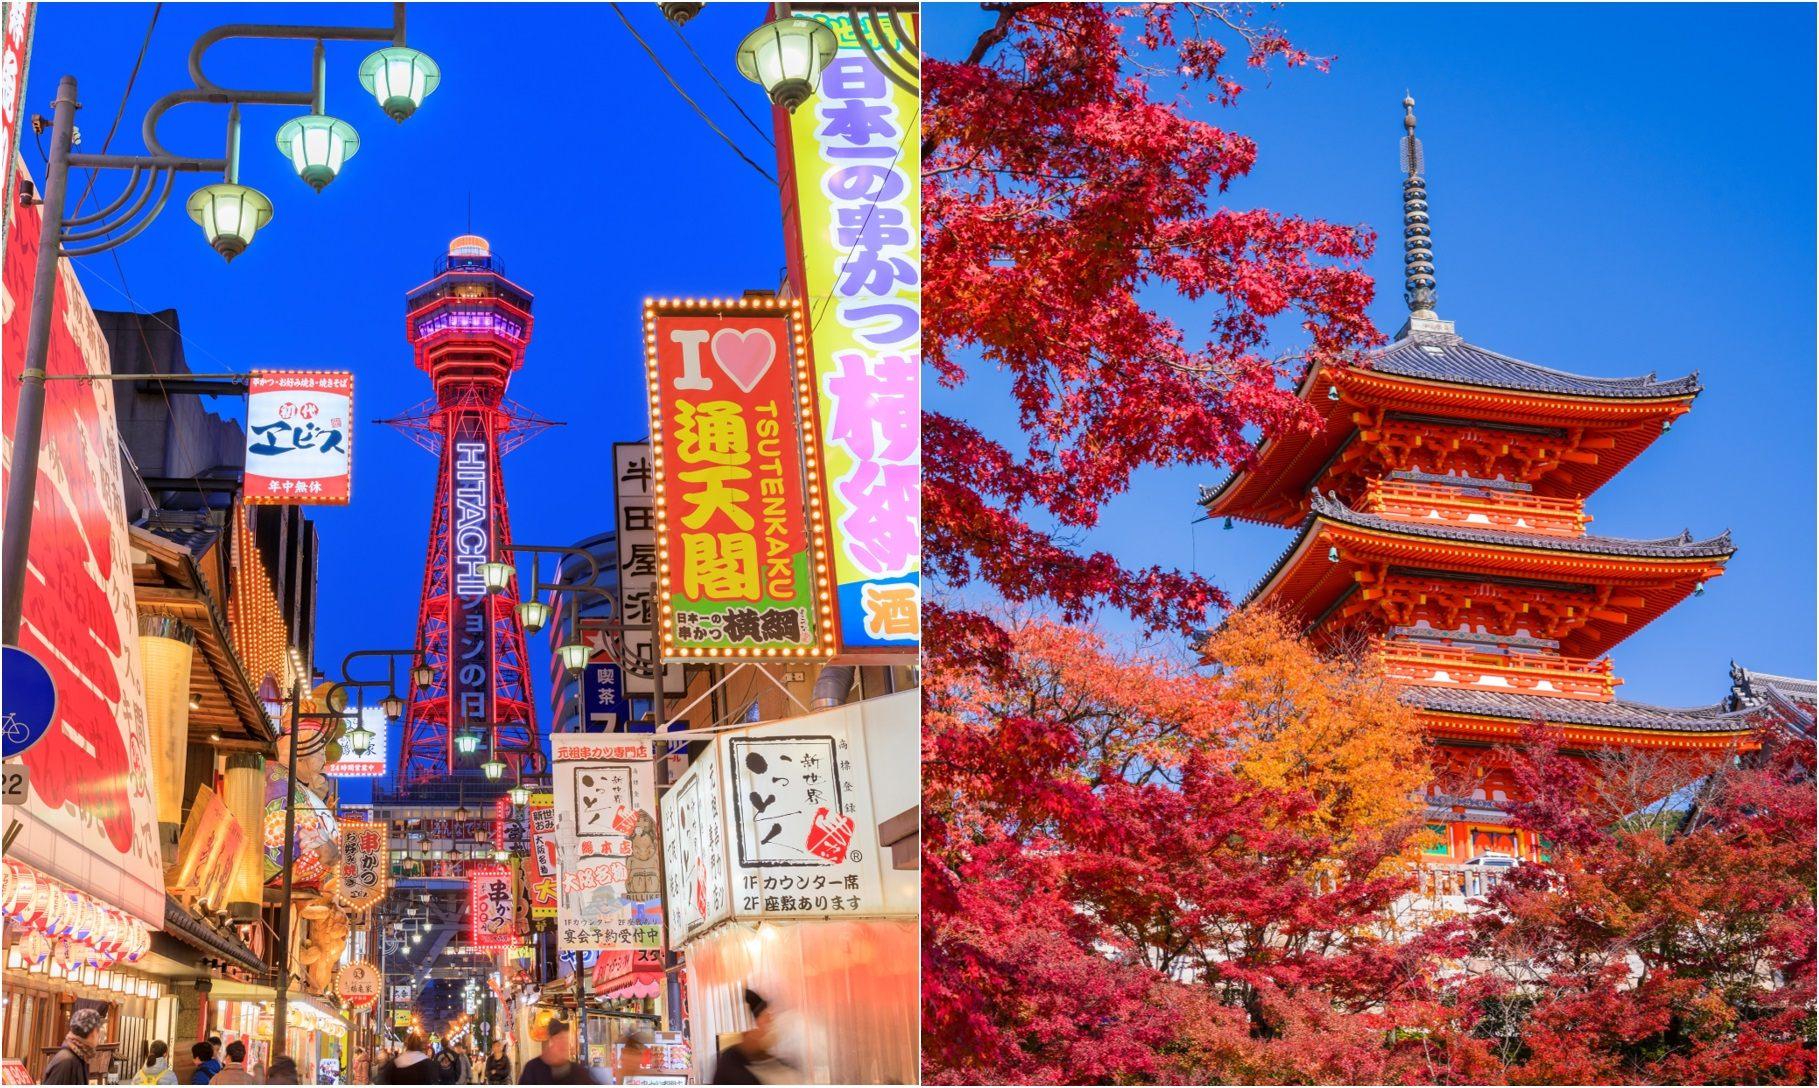 大阪和京都是代表日本的观光地